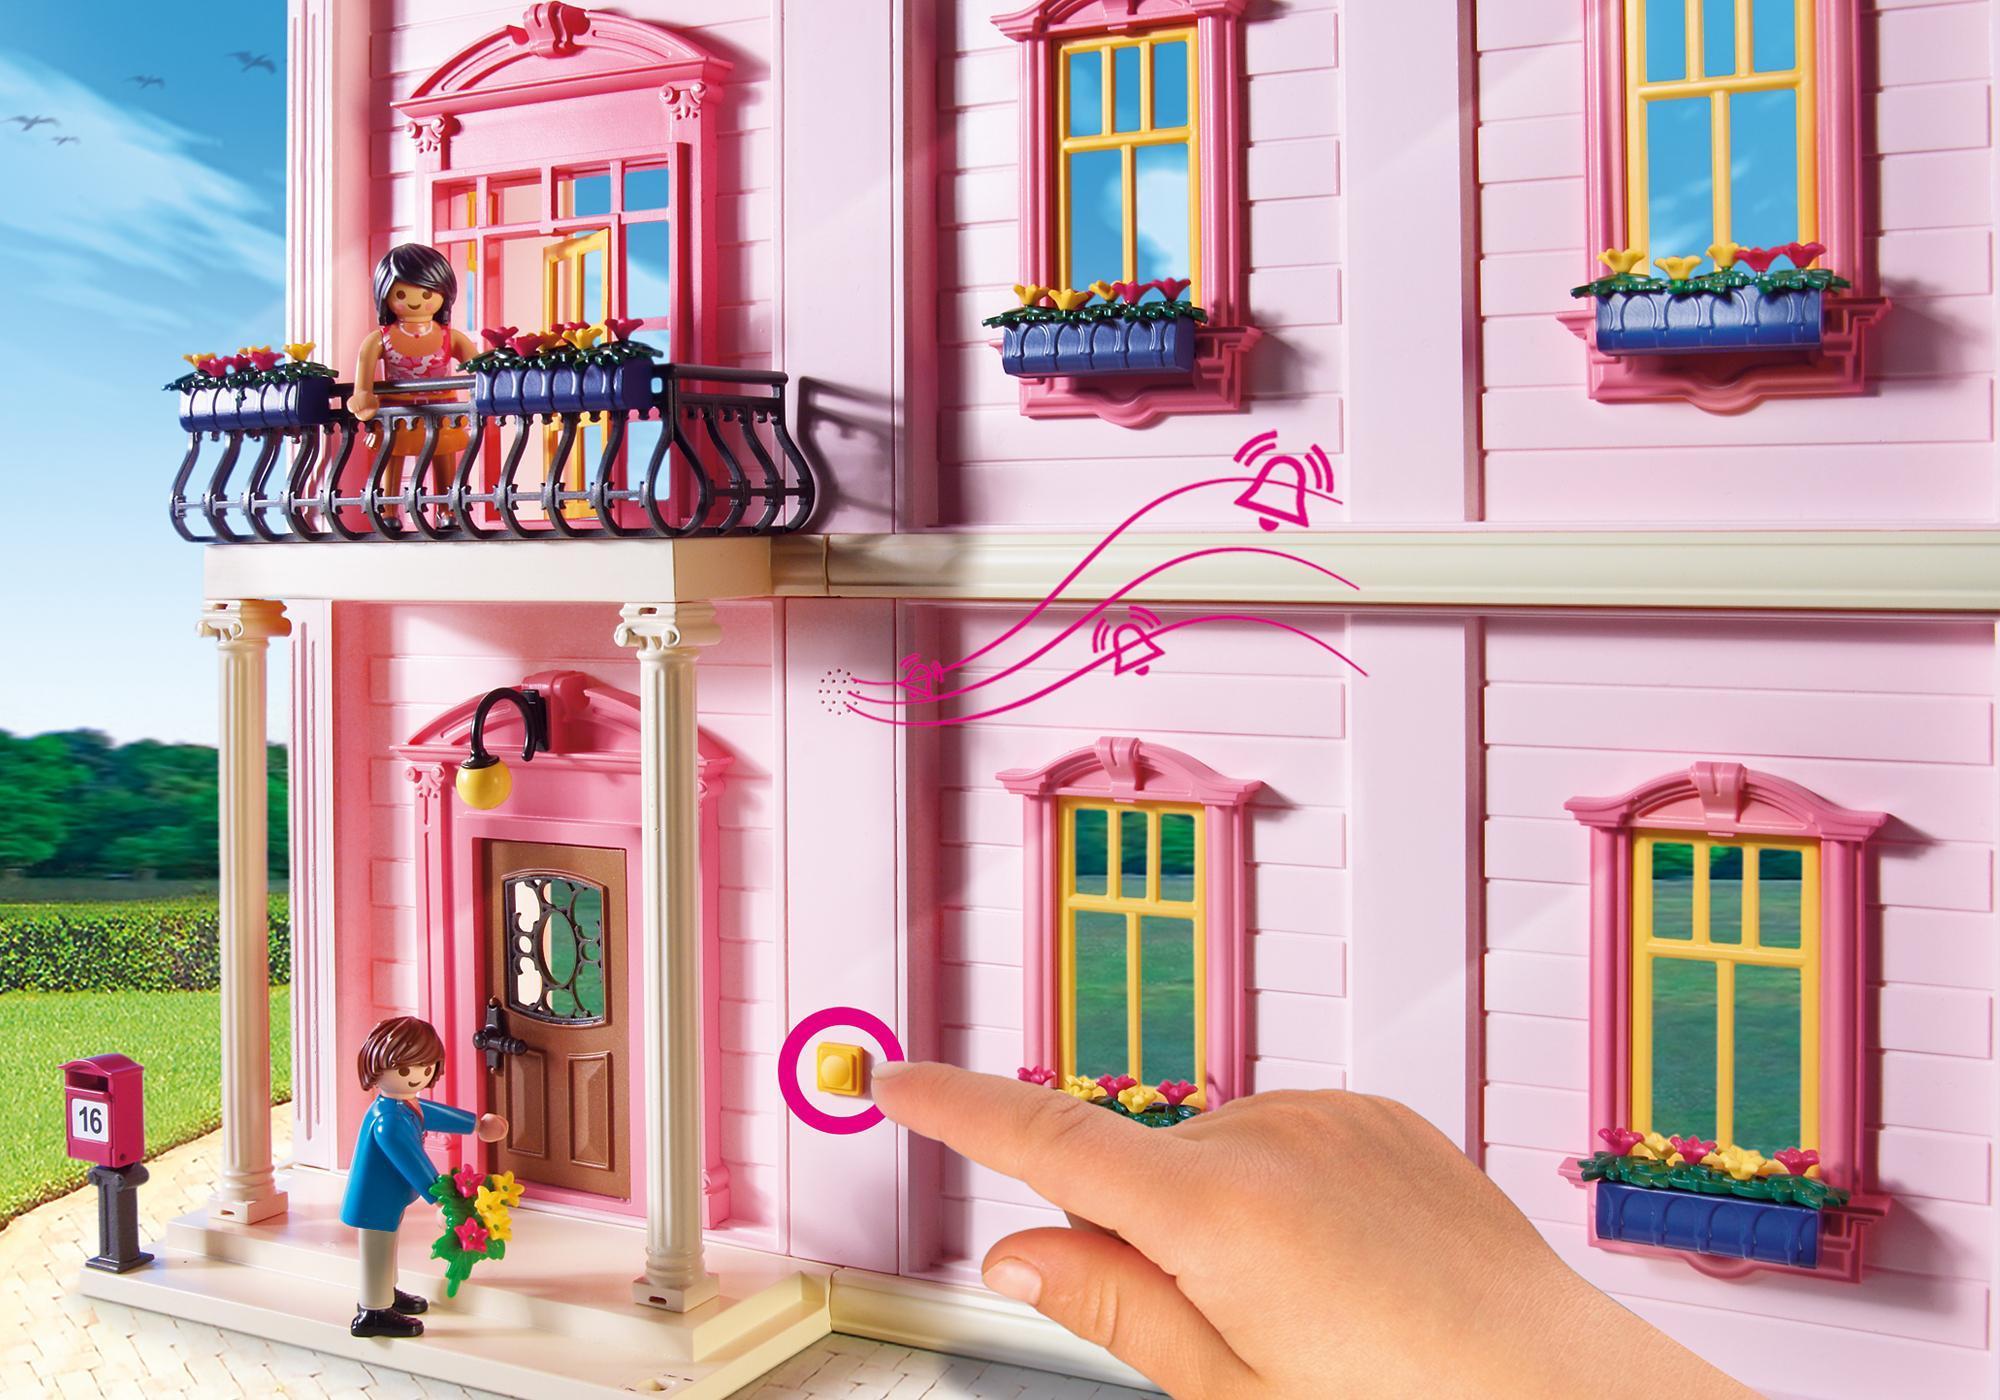 Playmobil Dollhouse Slaapkamer : Herenhuis playmobil nederland